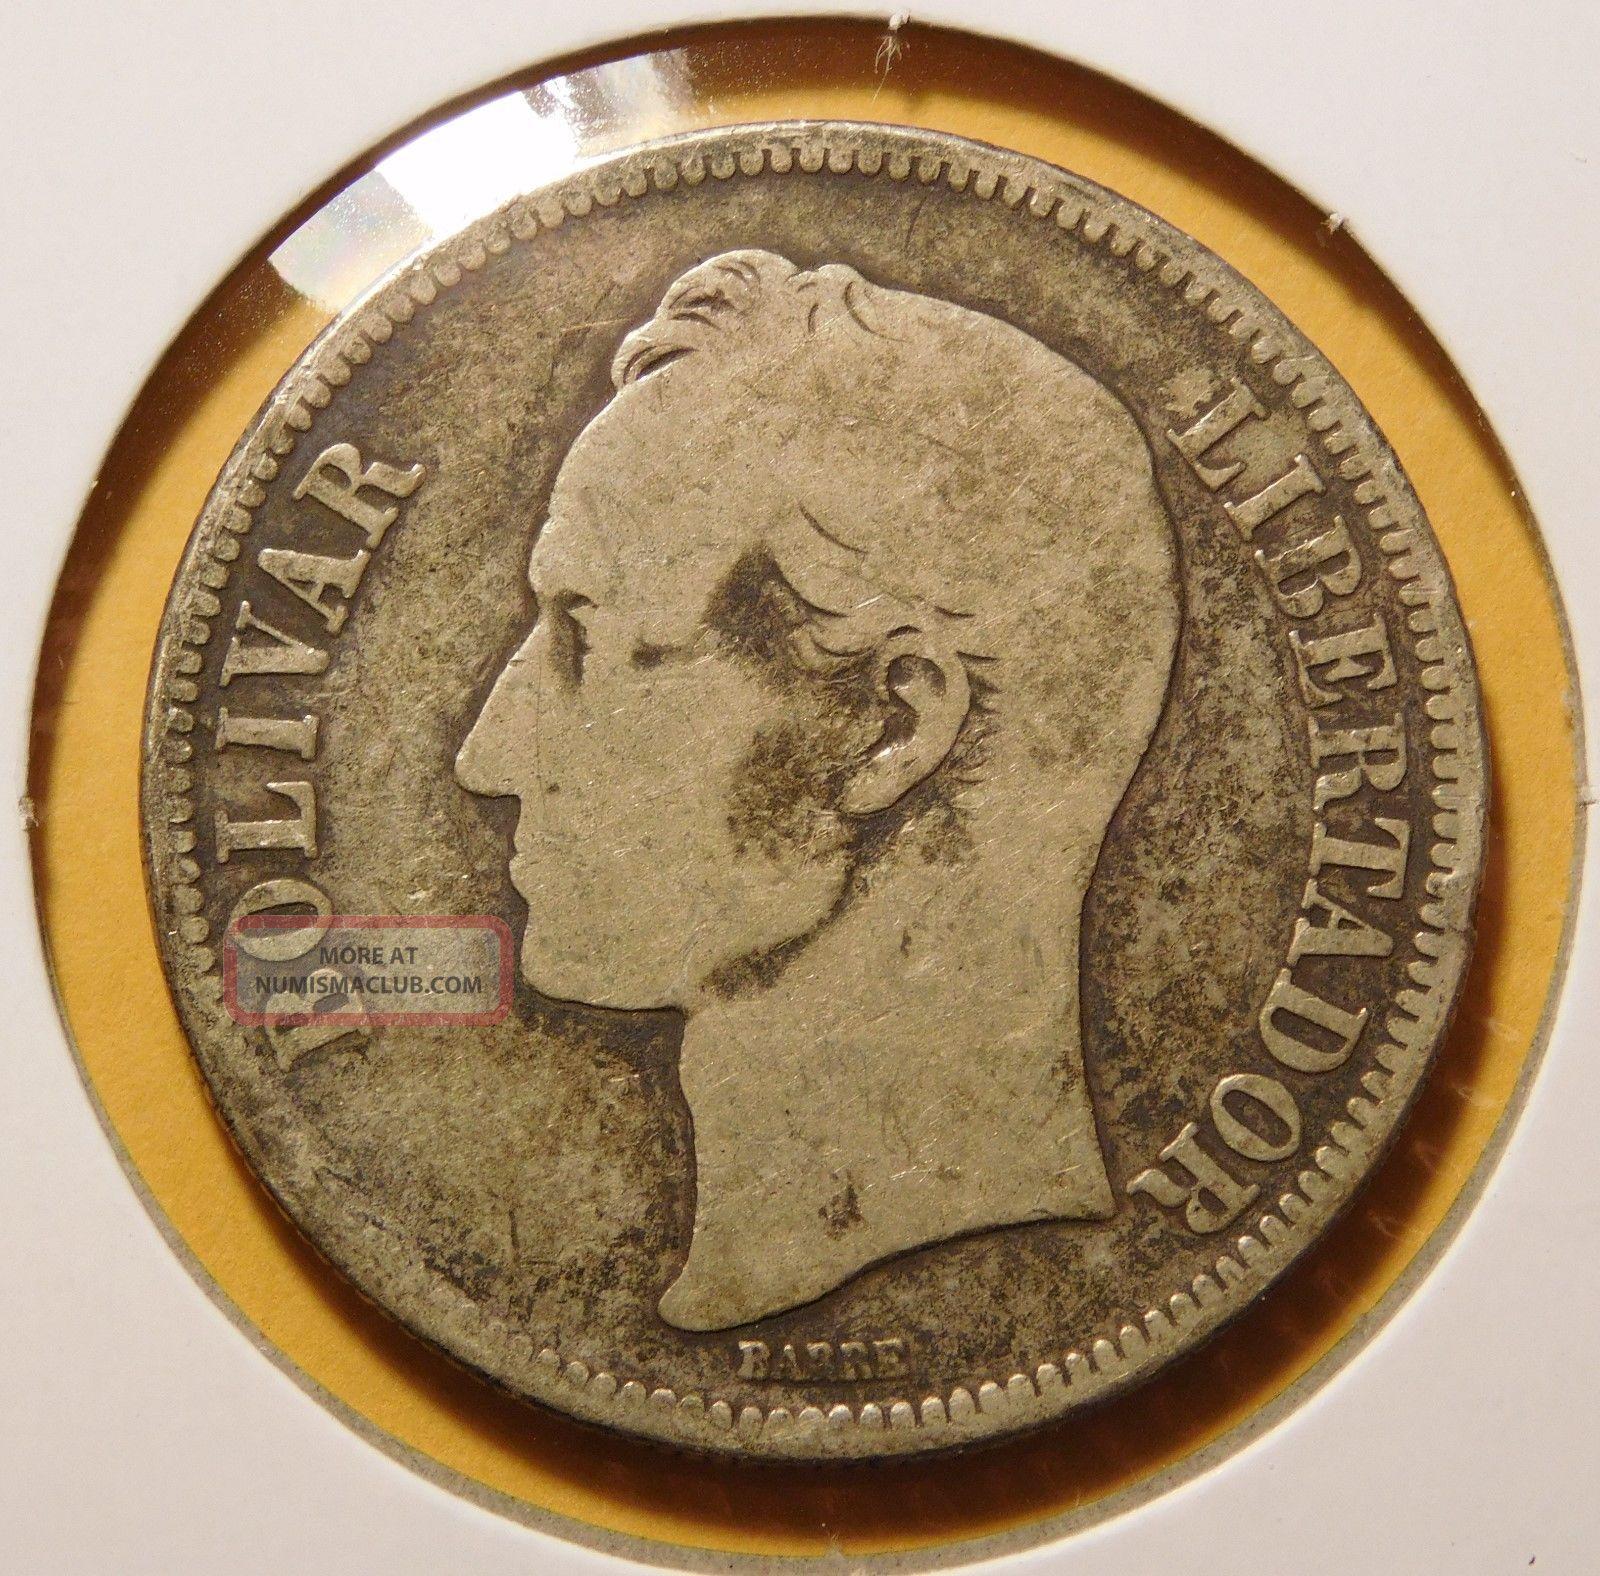 Venezuela 1888 5 Bolivares Silver Dollar Size Coin